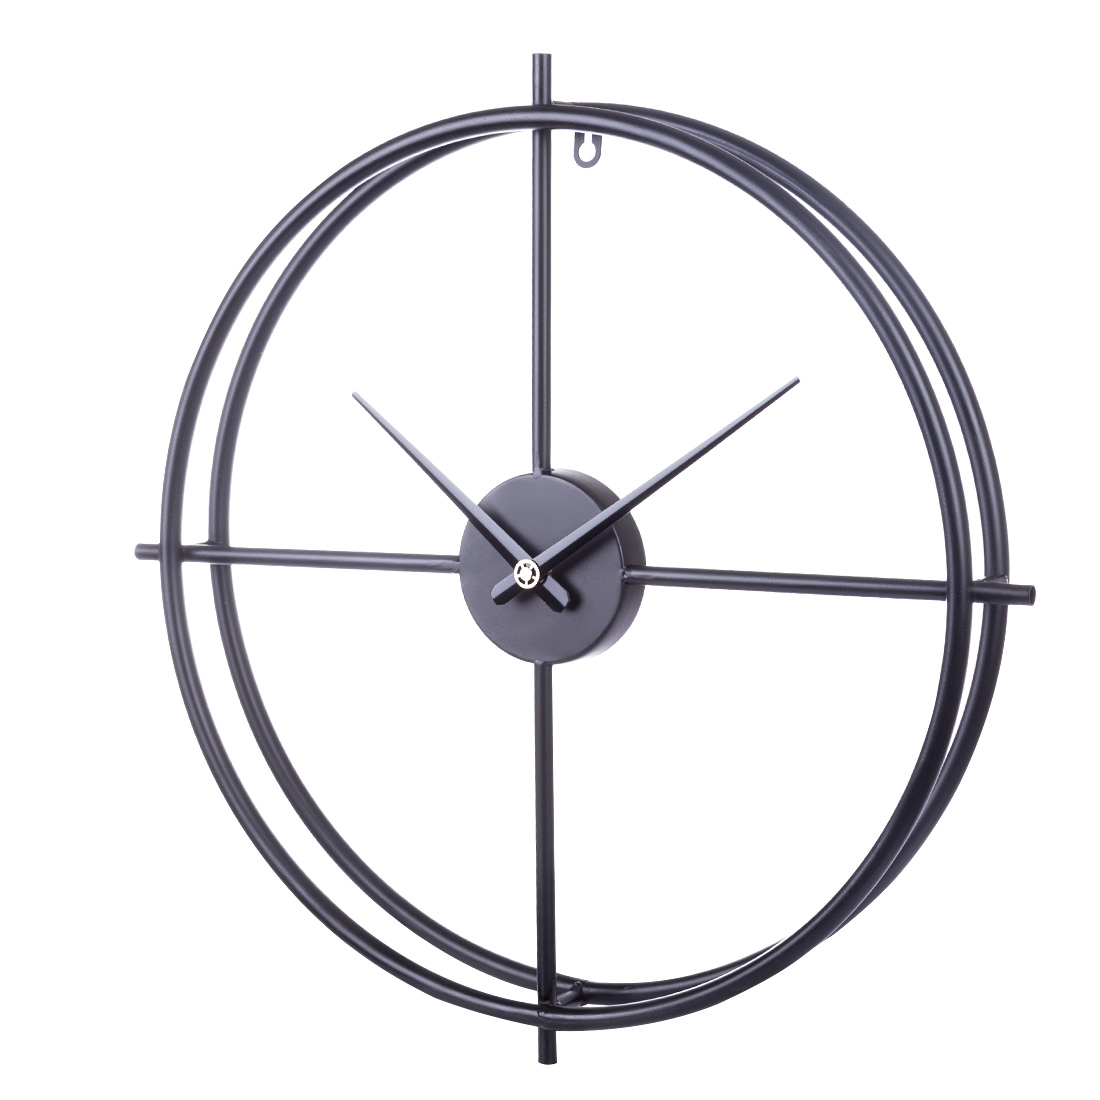 50cm 20 pouces rétro Style européen horloge murale ménage chambre fer Art horloge décor mural Style méditerranéen décoration de la maison-in Horloges murales from Maison & Animalerie    1